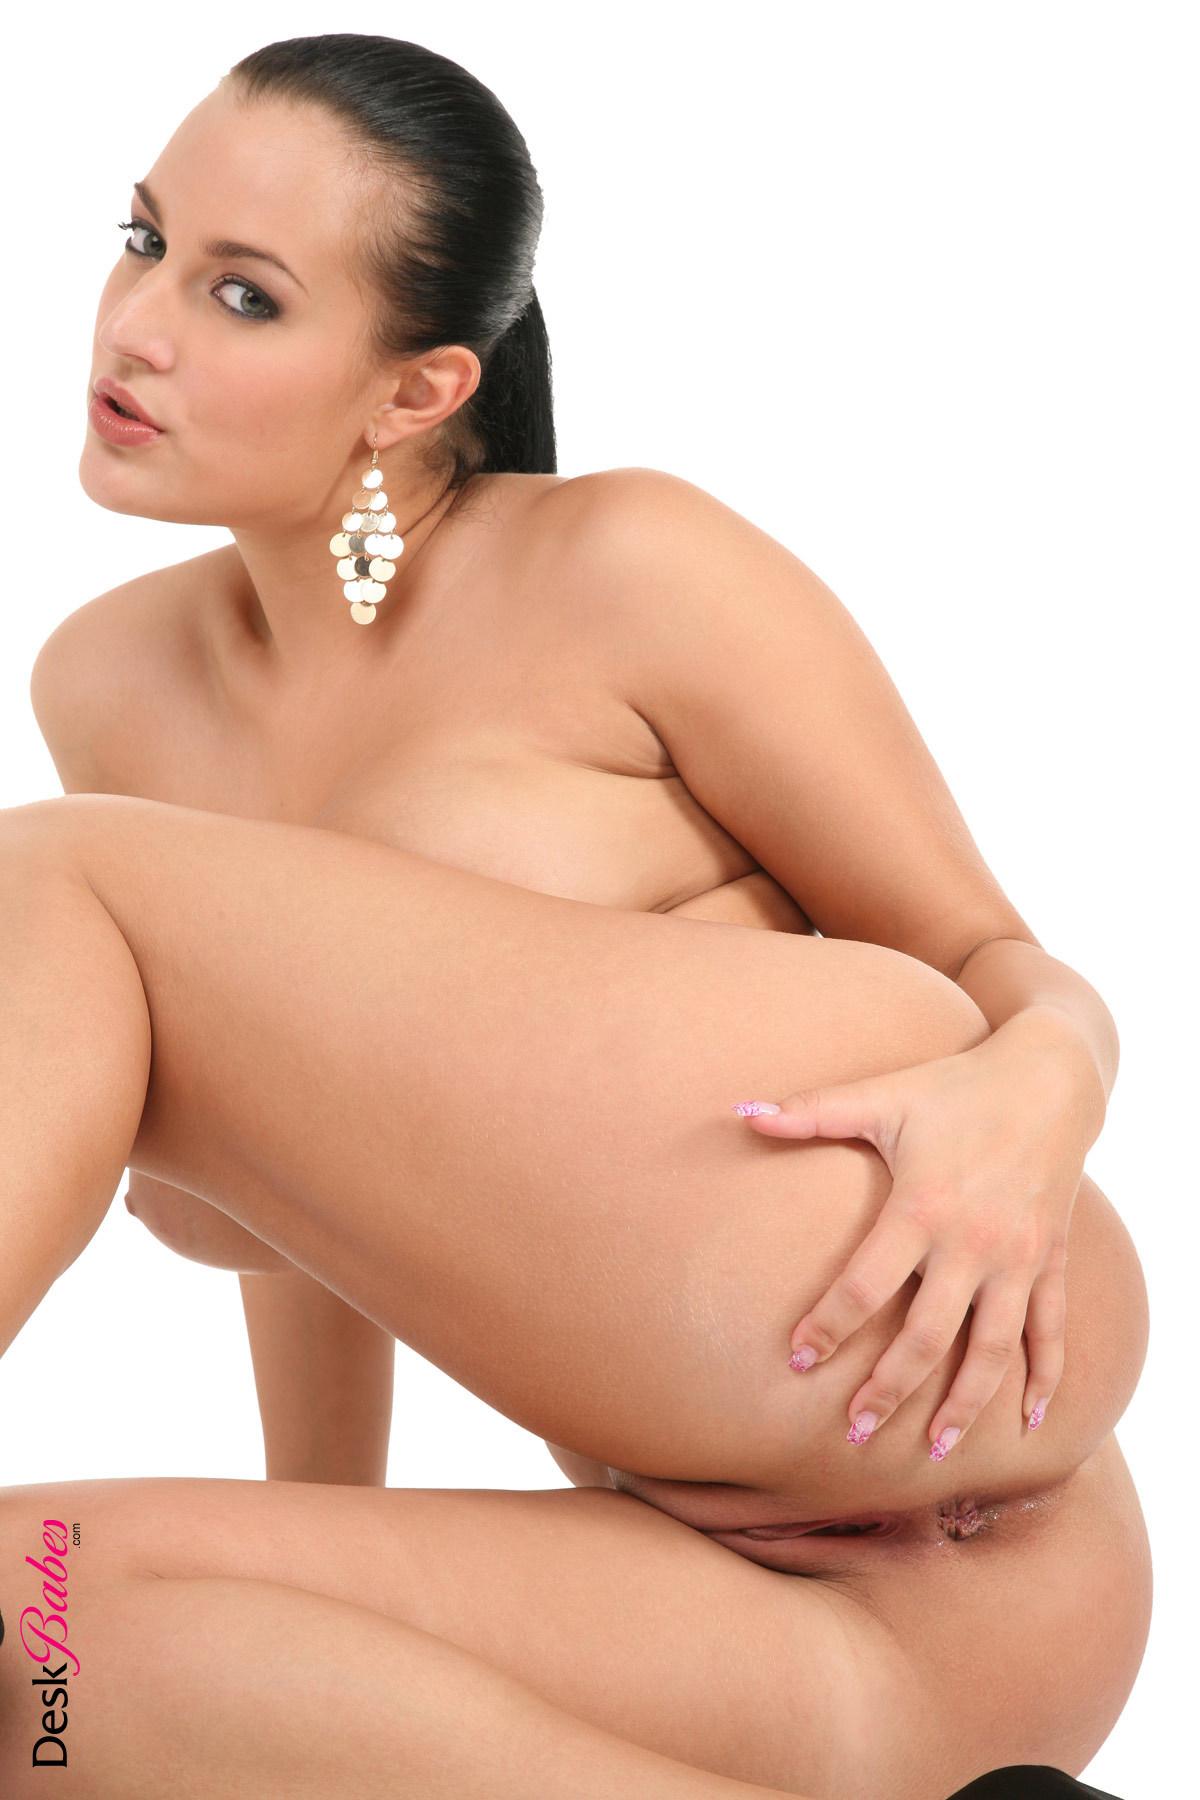 Nude mobile pornstar croft nude klum